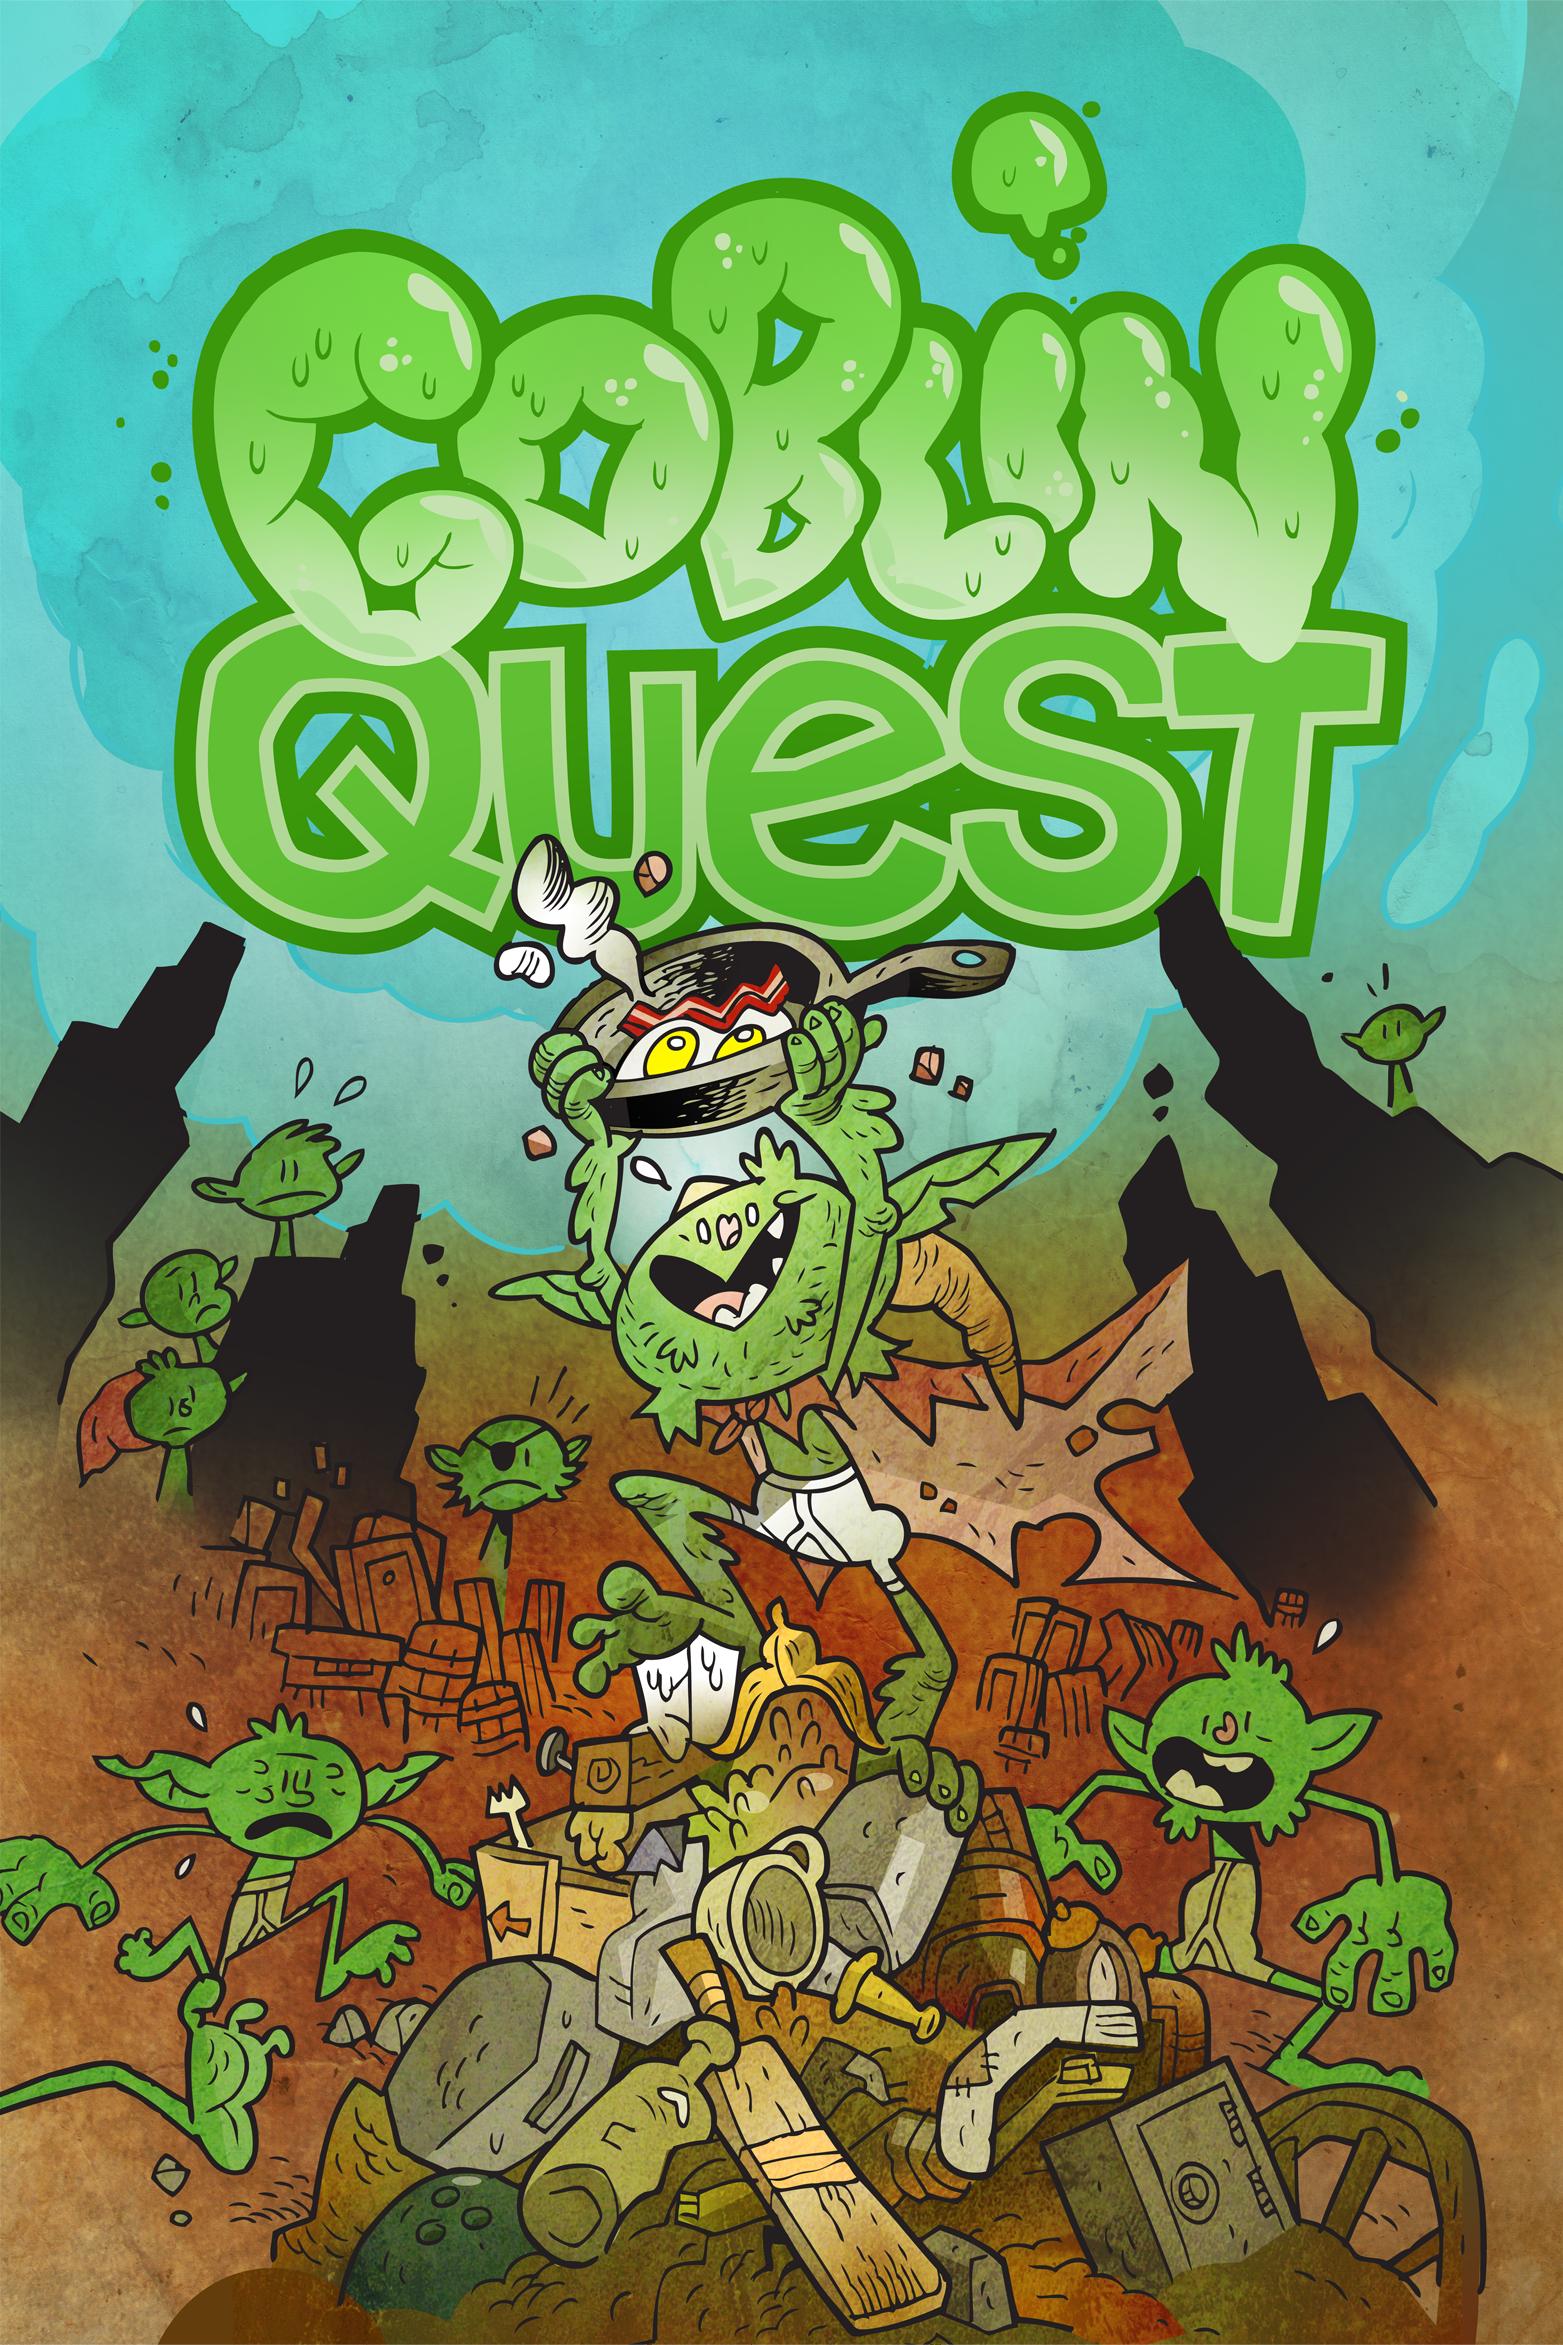 GoblinQuest_Covercolors.png